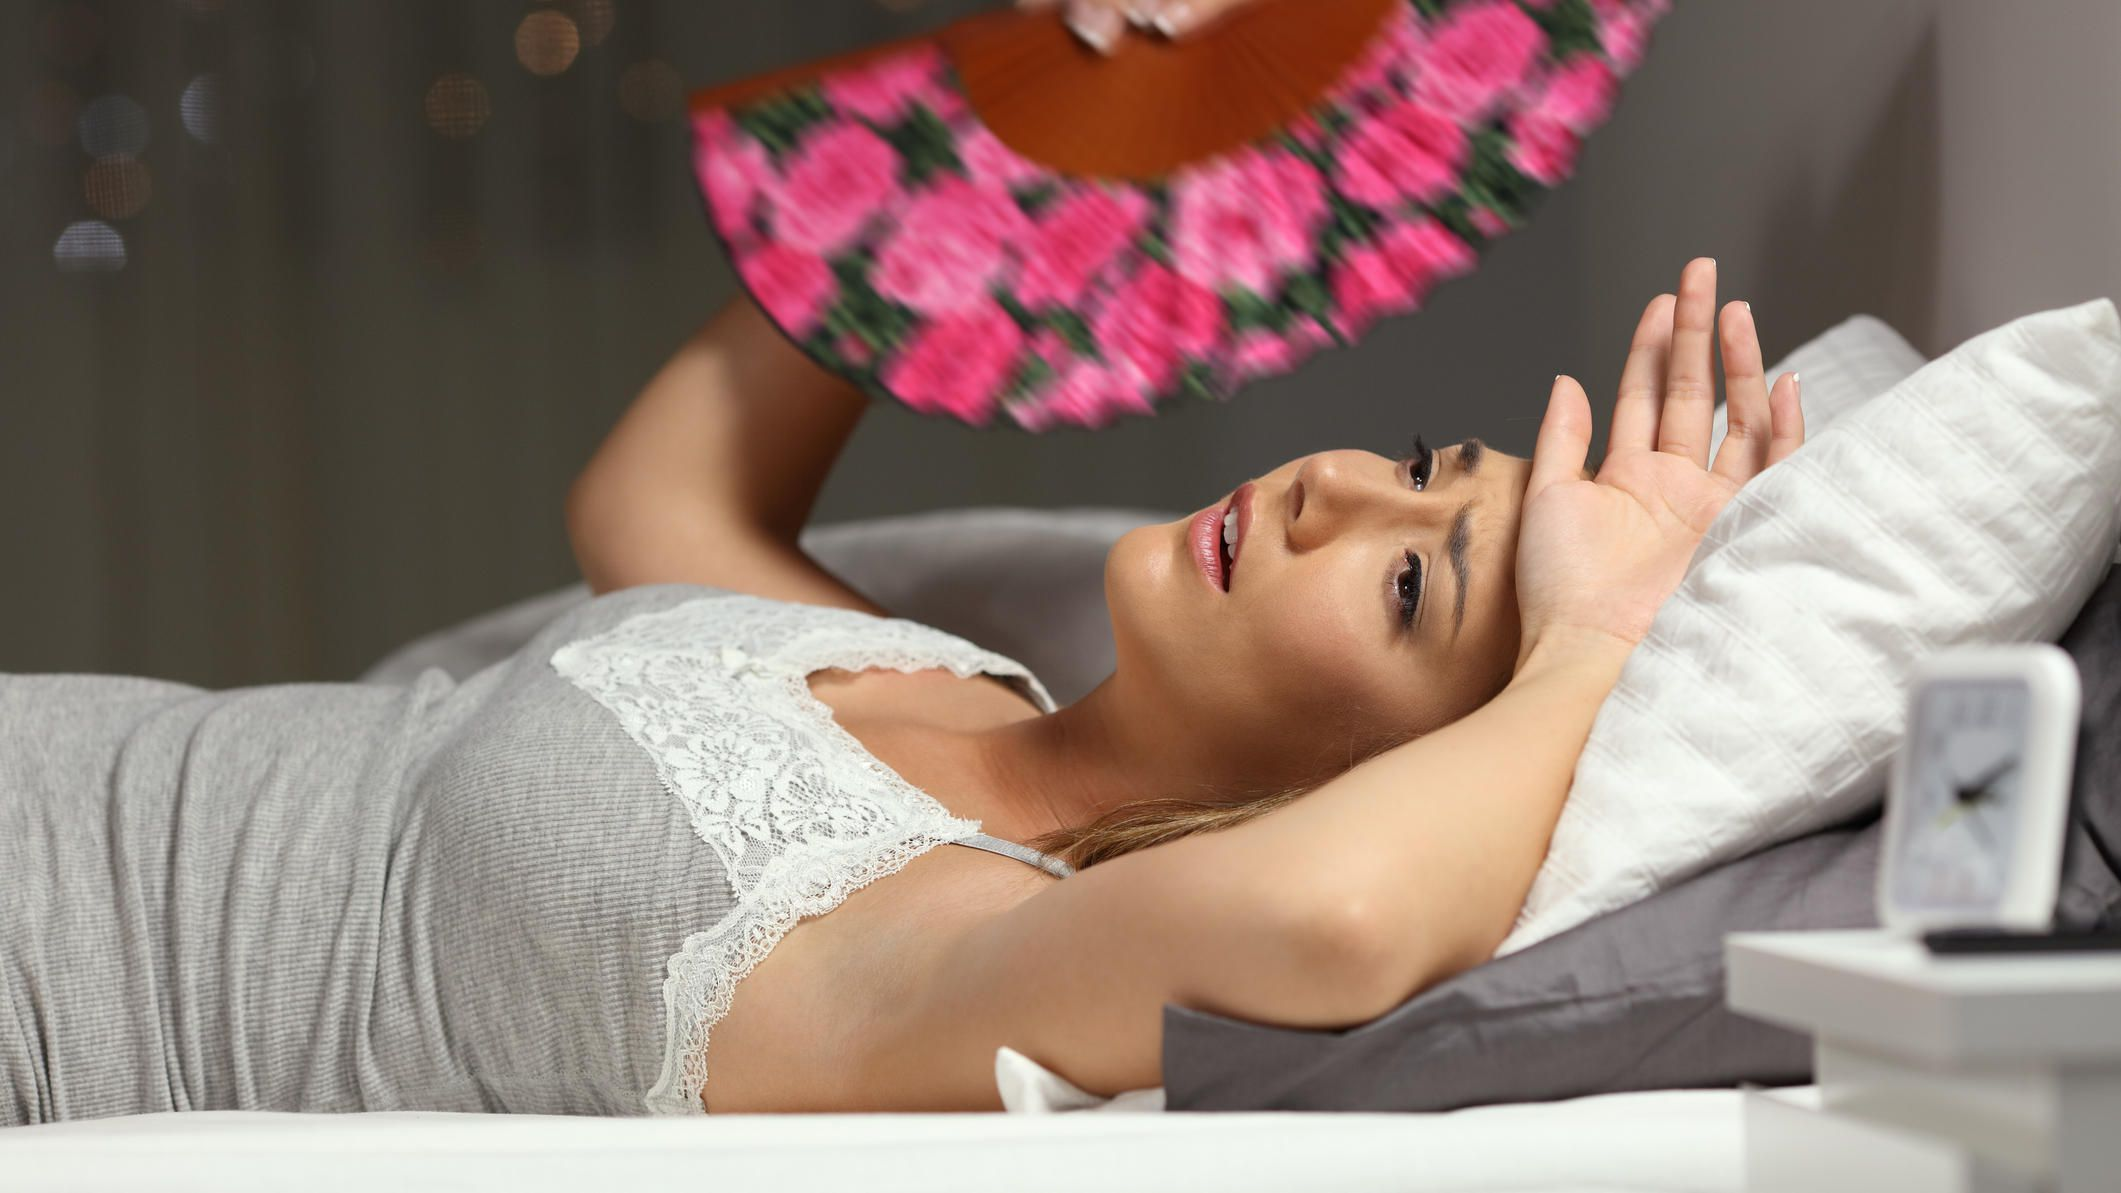 Besser Schlafen Bei Hitze Tipps Zum Abkuhlen Wenn Es Nachts Zu Heiss Ist